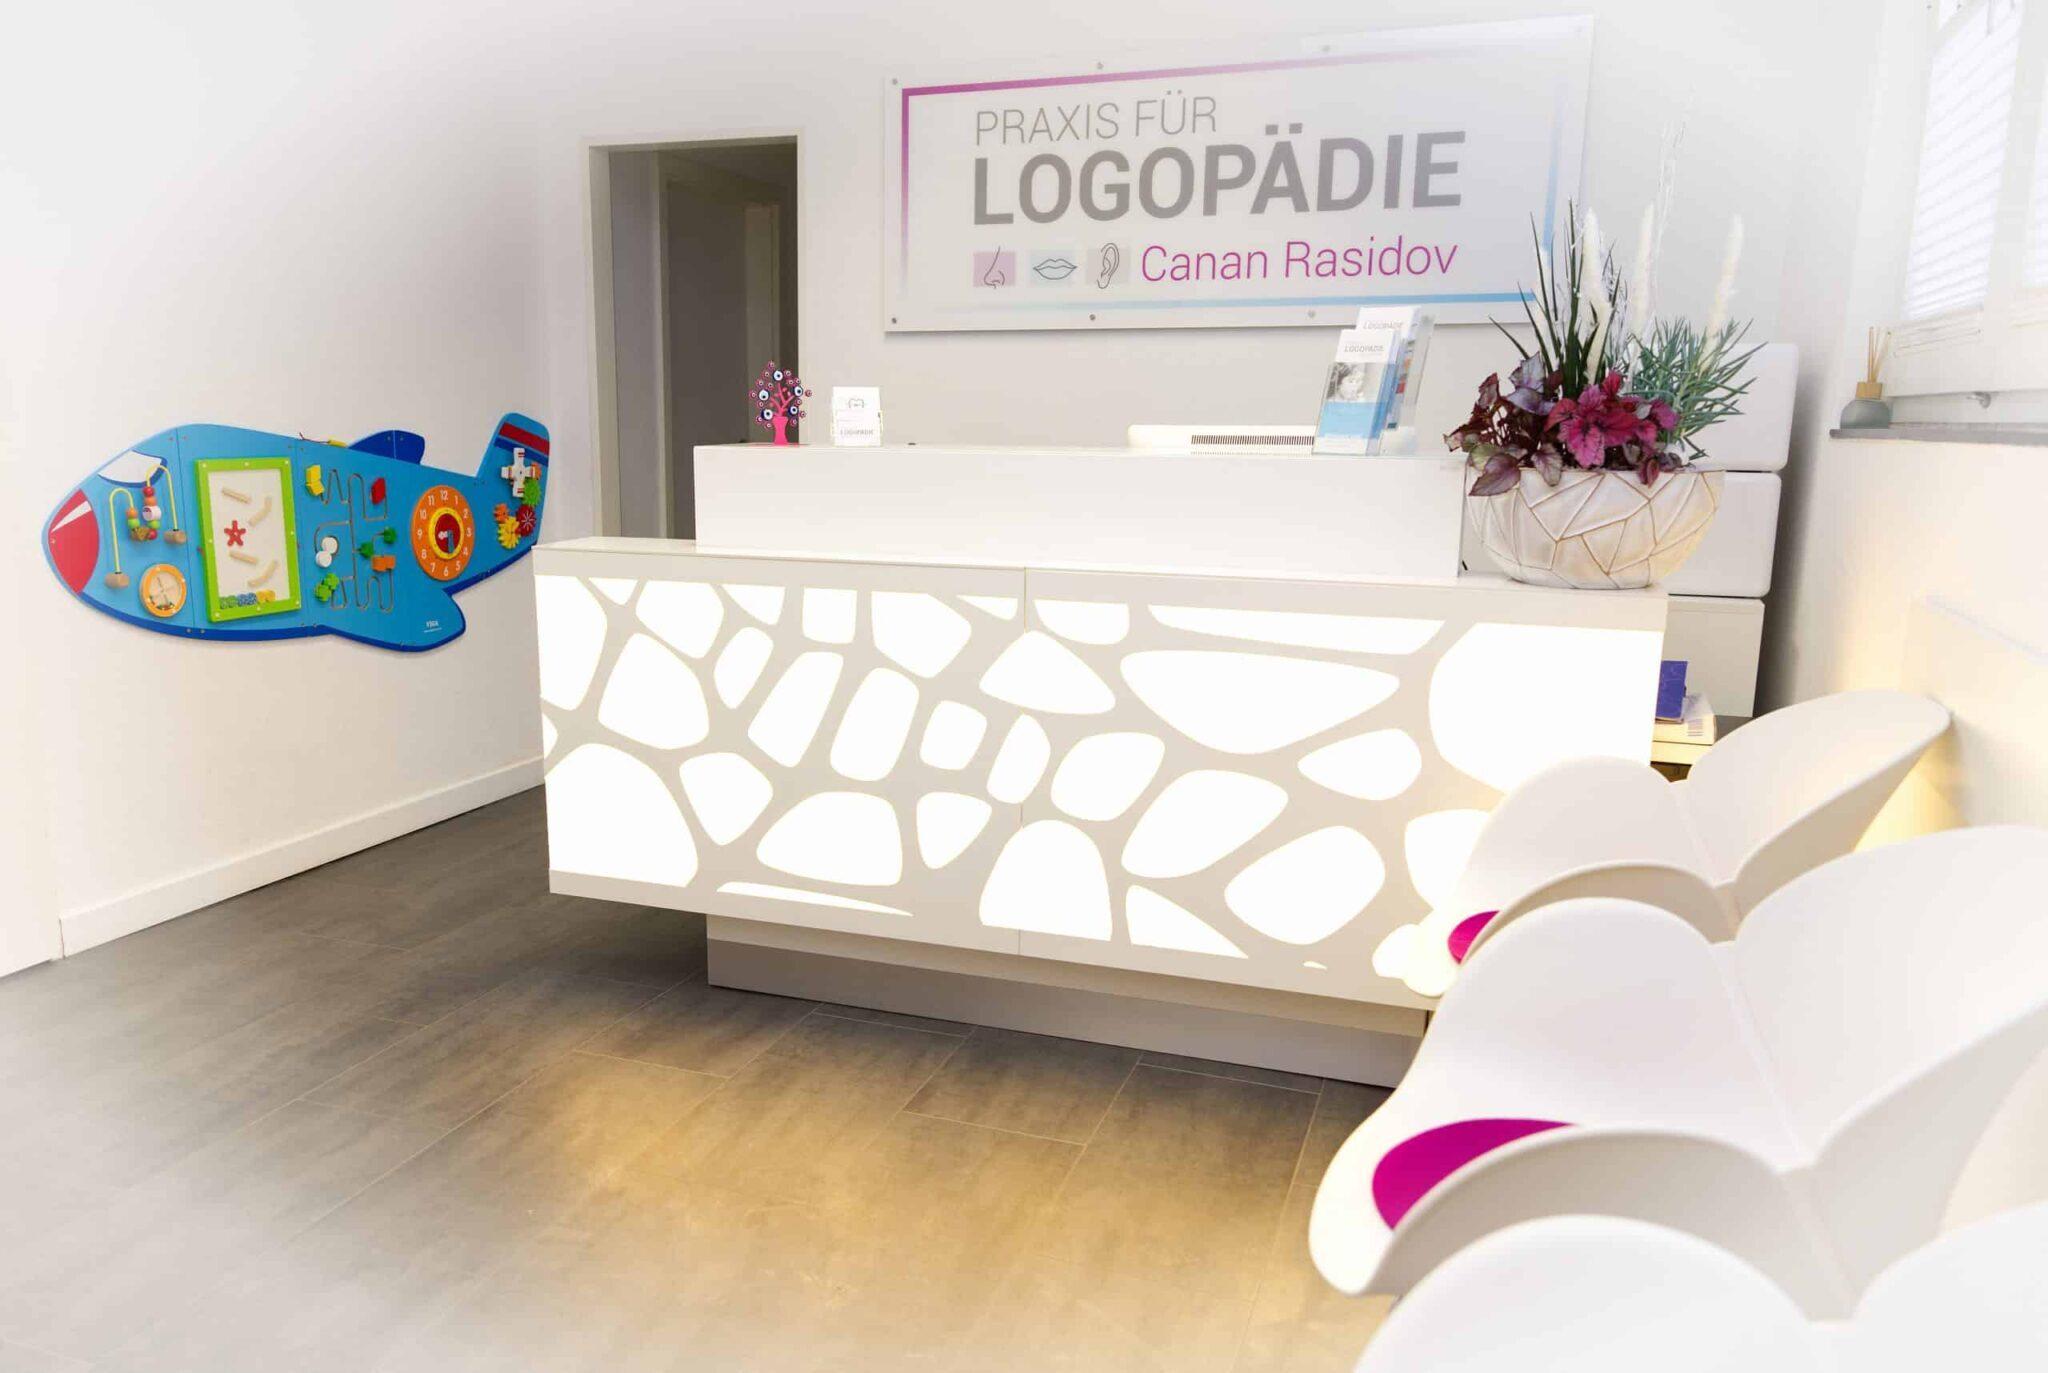 Wartezimmer der Praxis für Logopädie